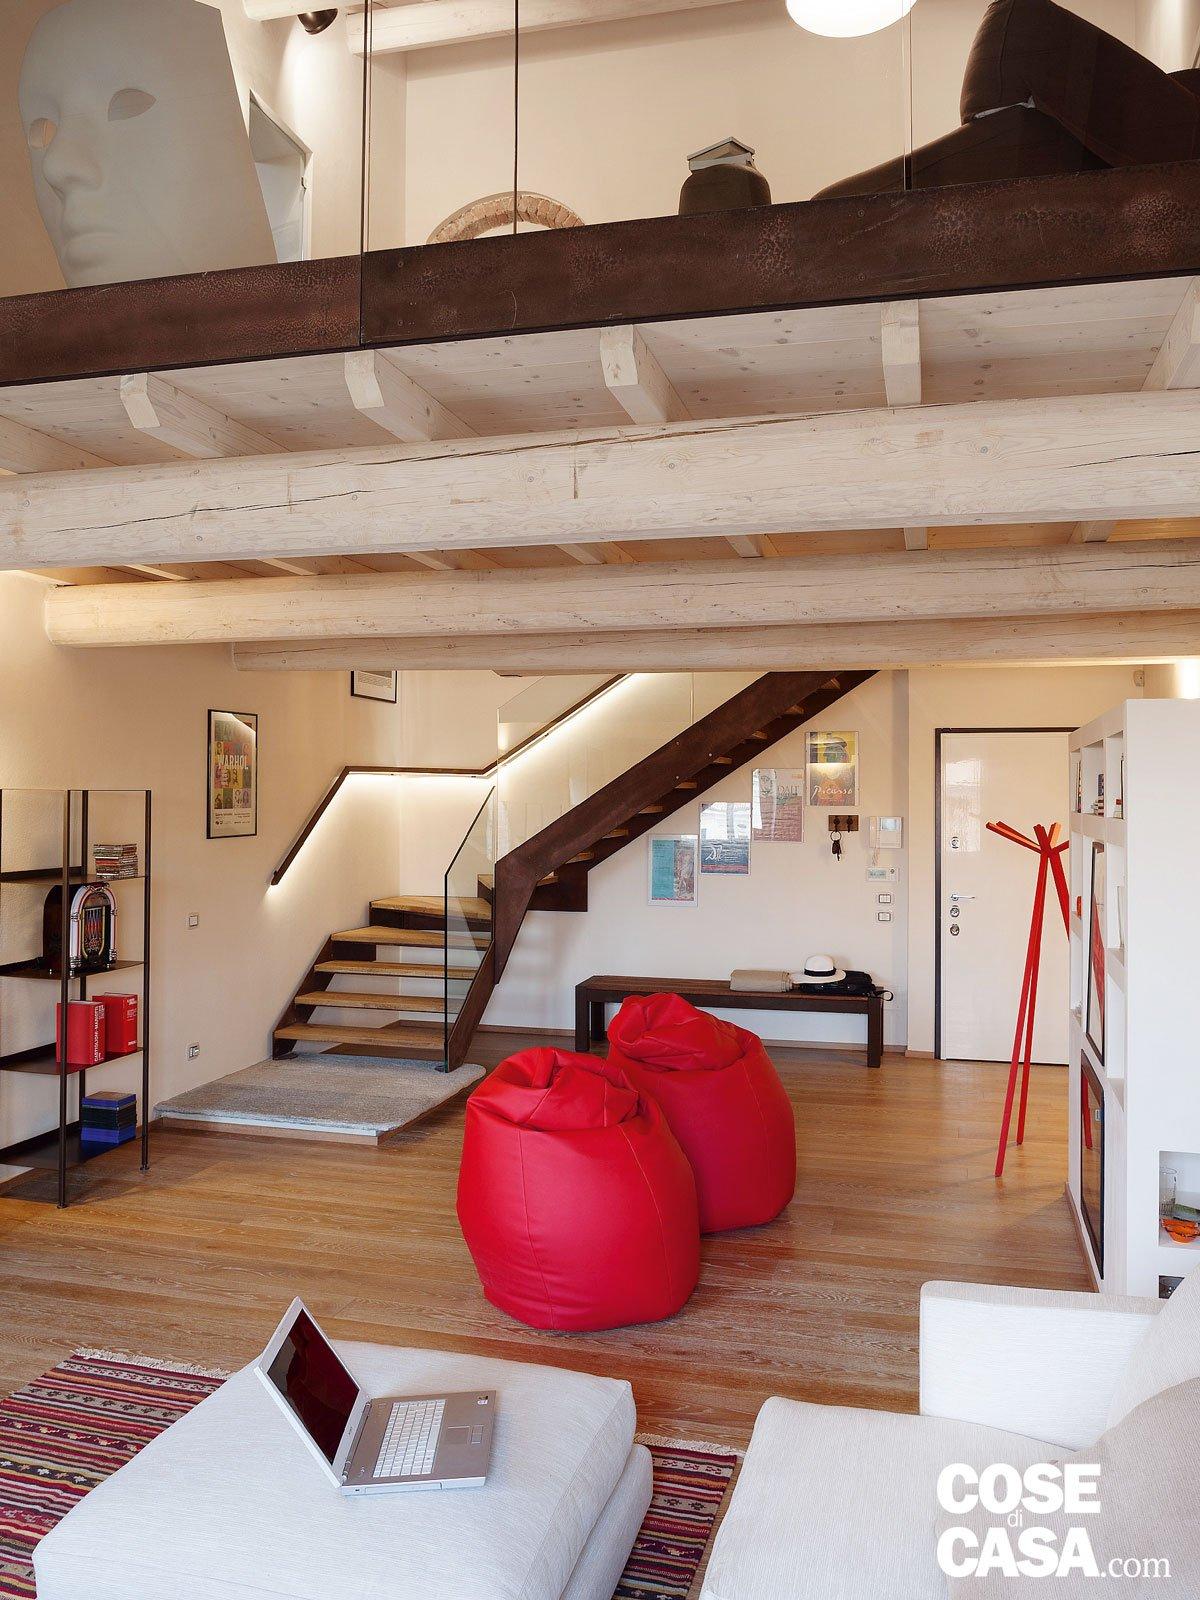 40 105 mq di sottotetto design in contesto d 39 epoca - Altezza quadri sopra divano ...